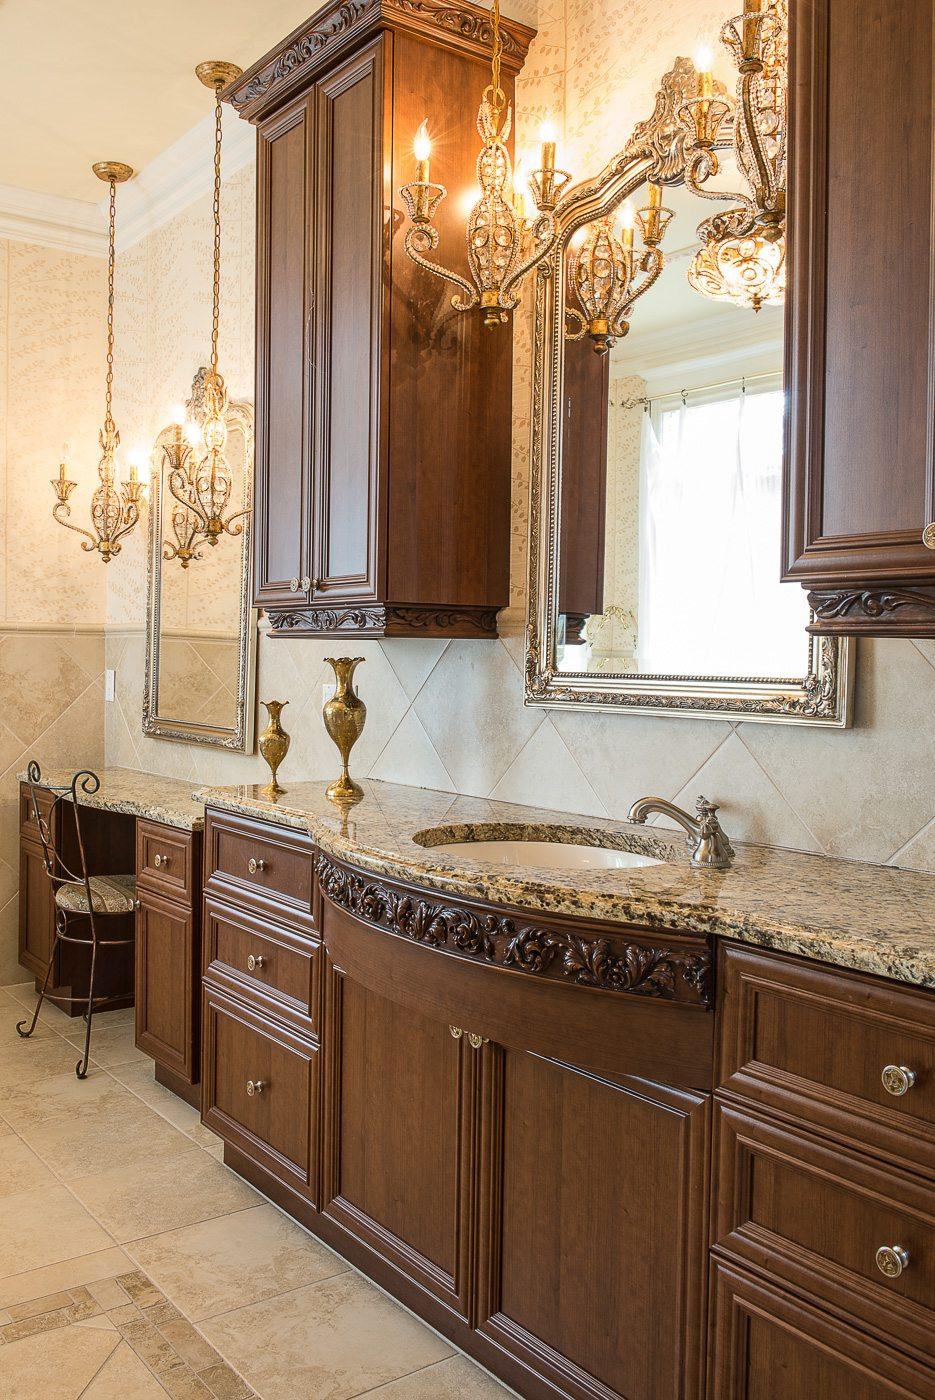 Salle de bain Classique | Gagné Cuisine et Mobilier par ...